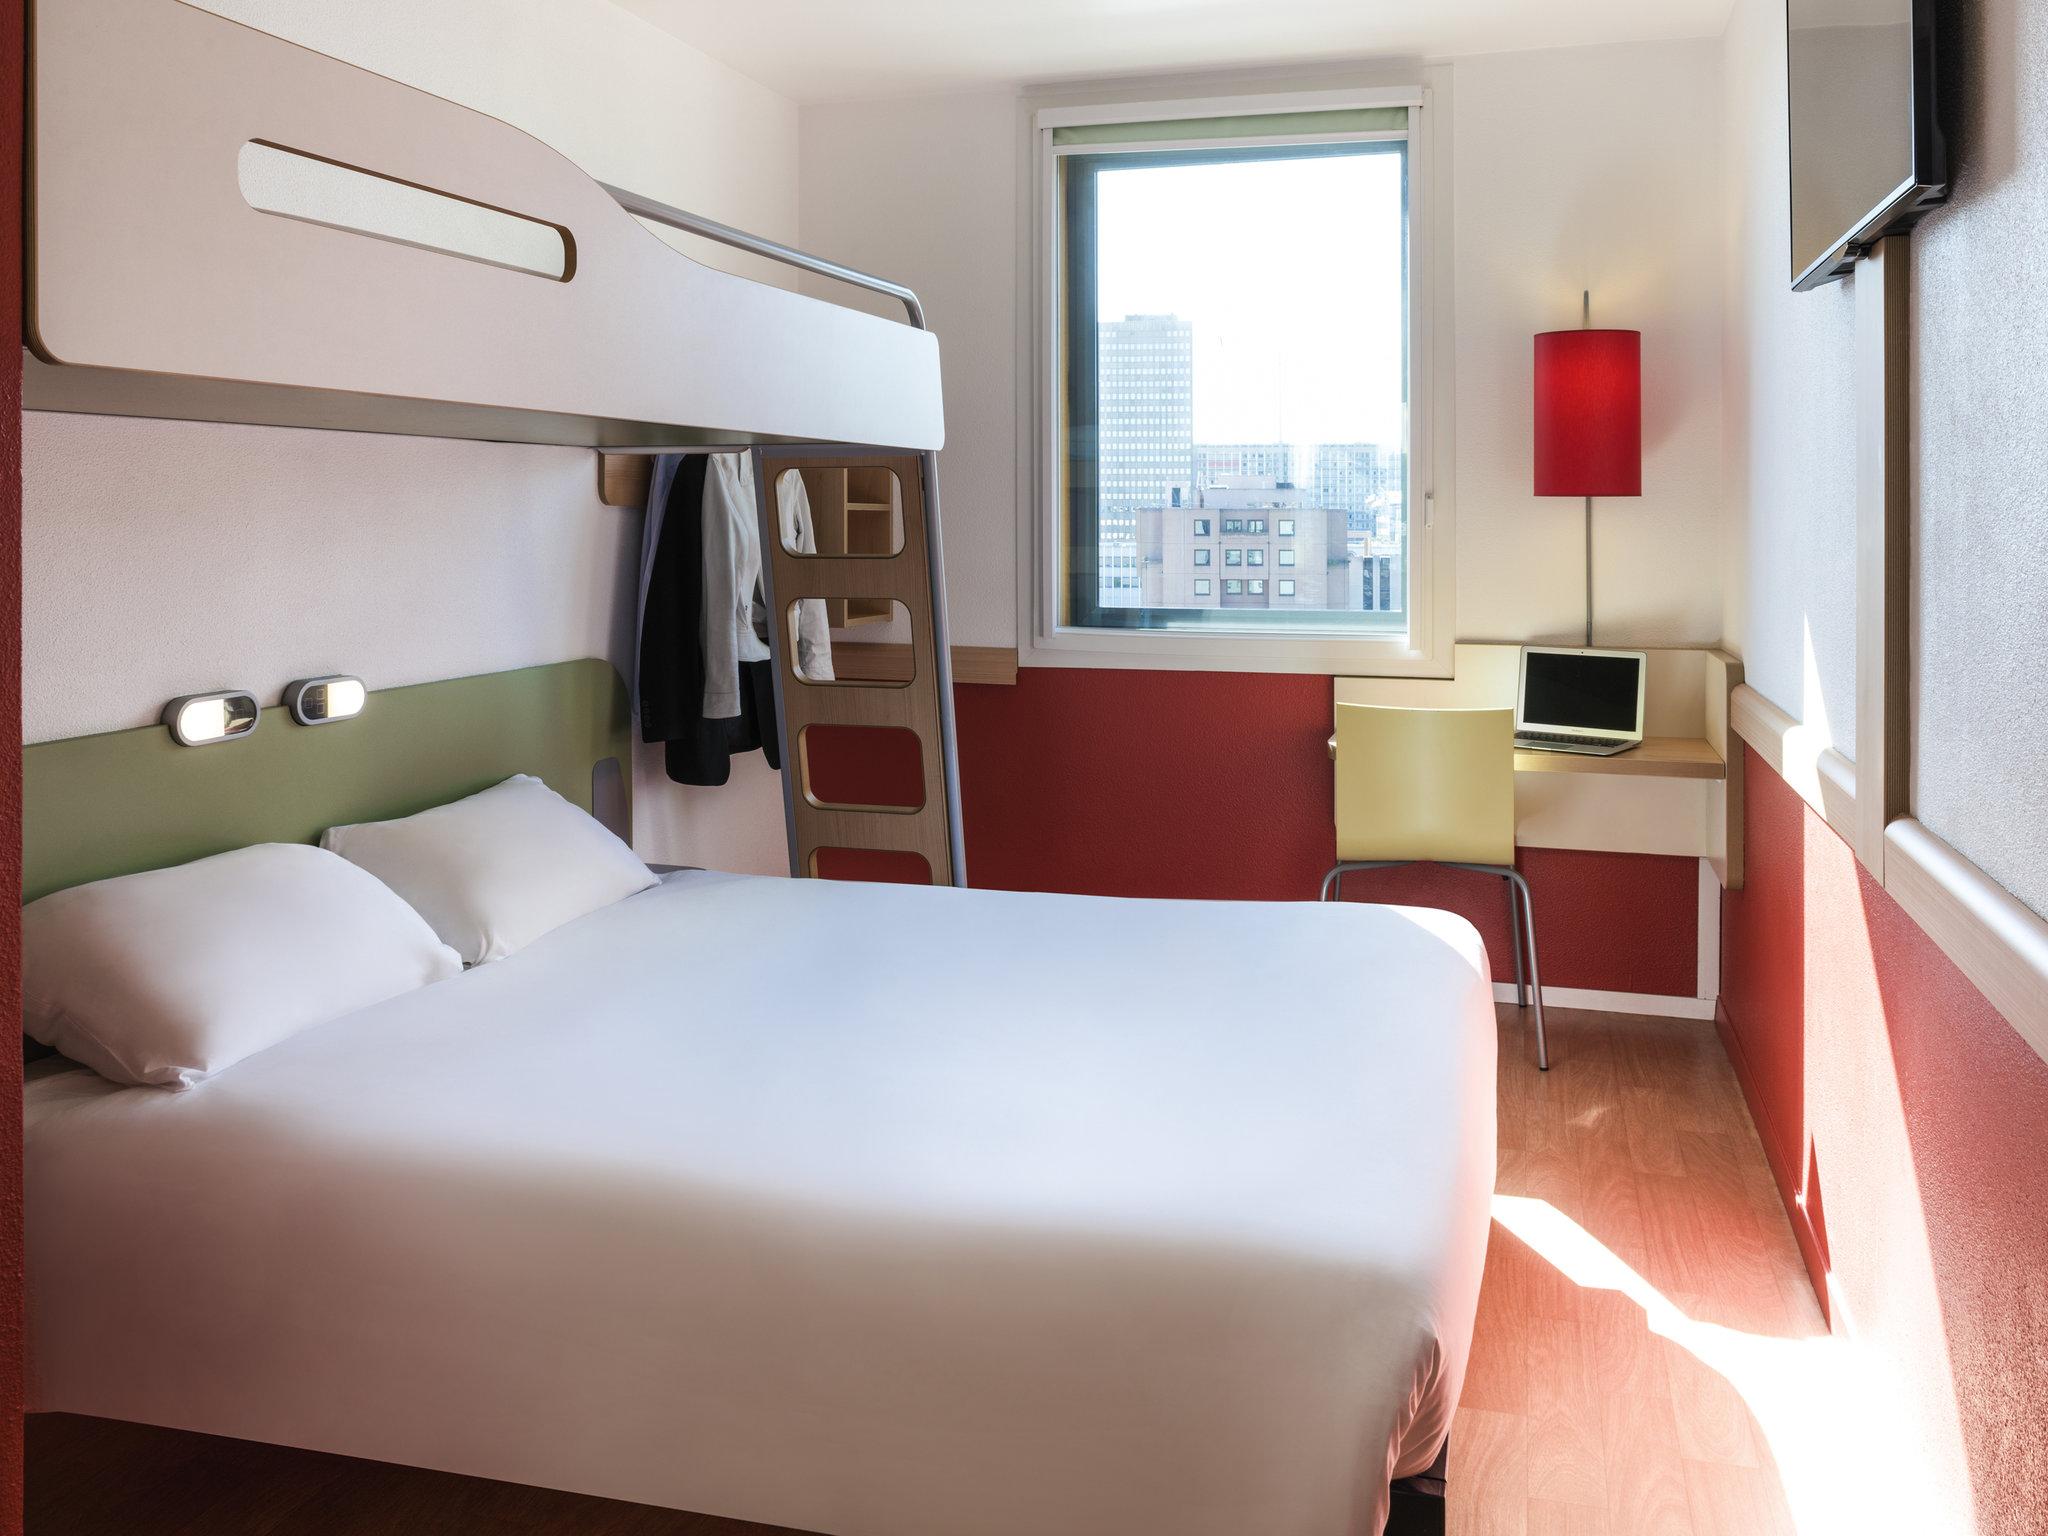 Hôtel - ibis budget Lyon Centre - Gare Part-Dieu